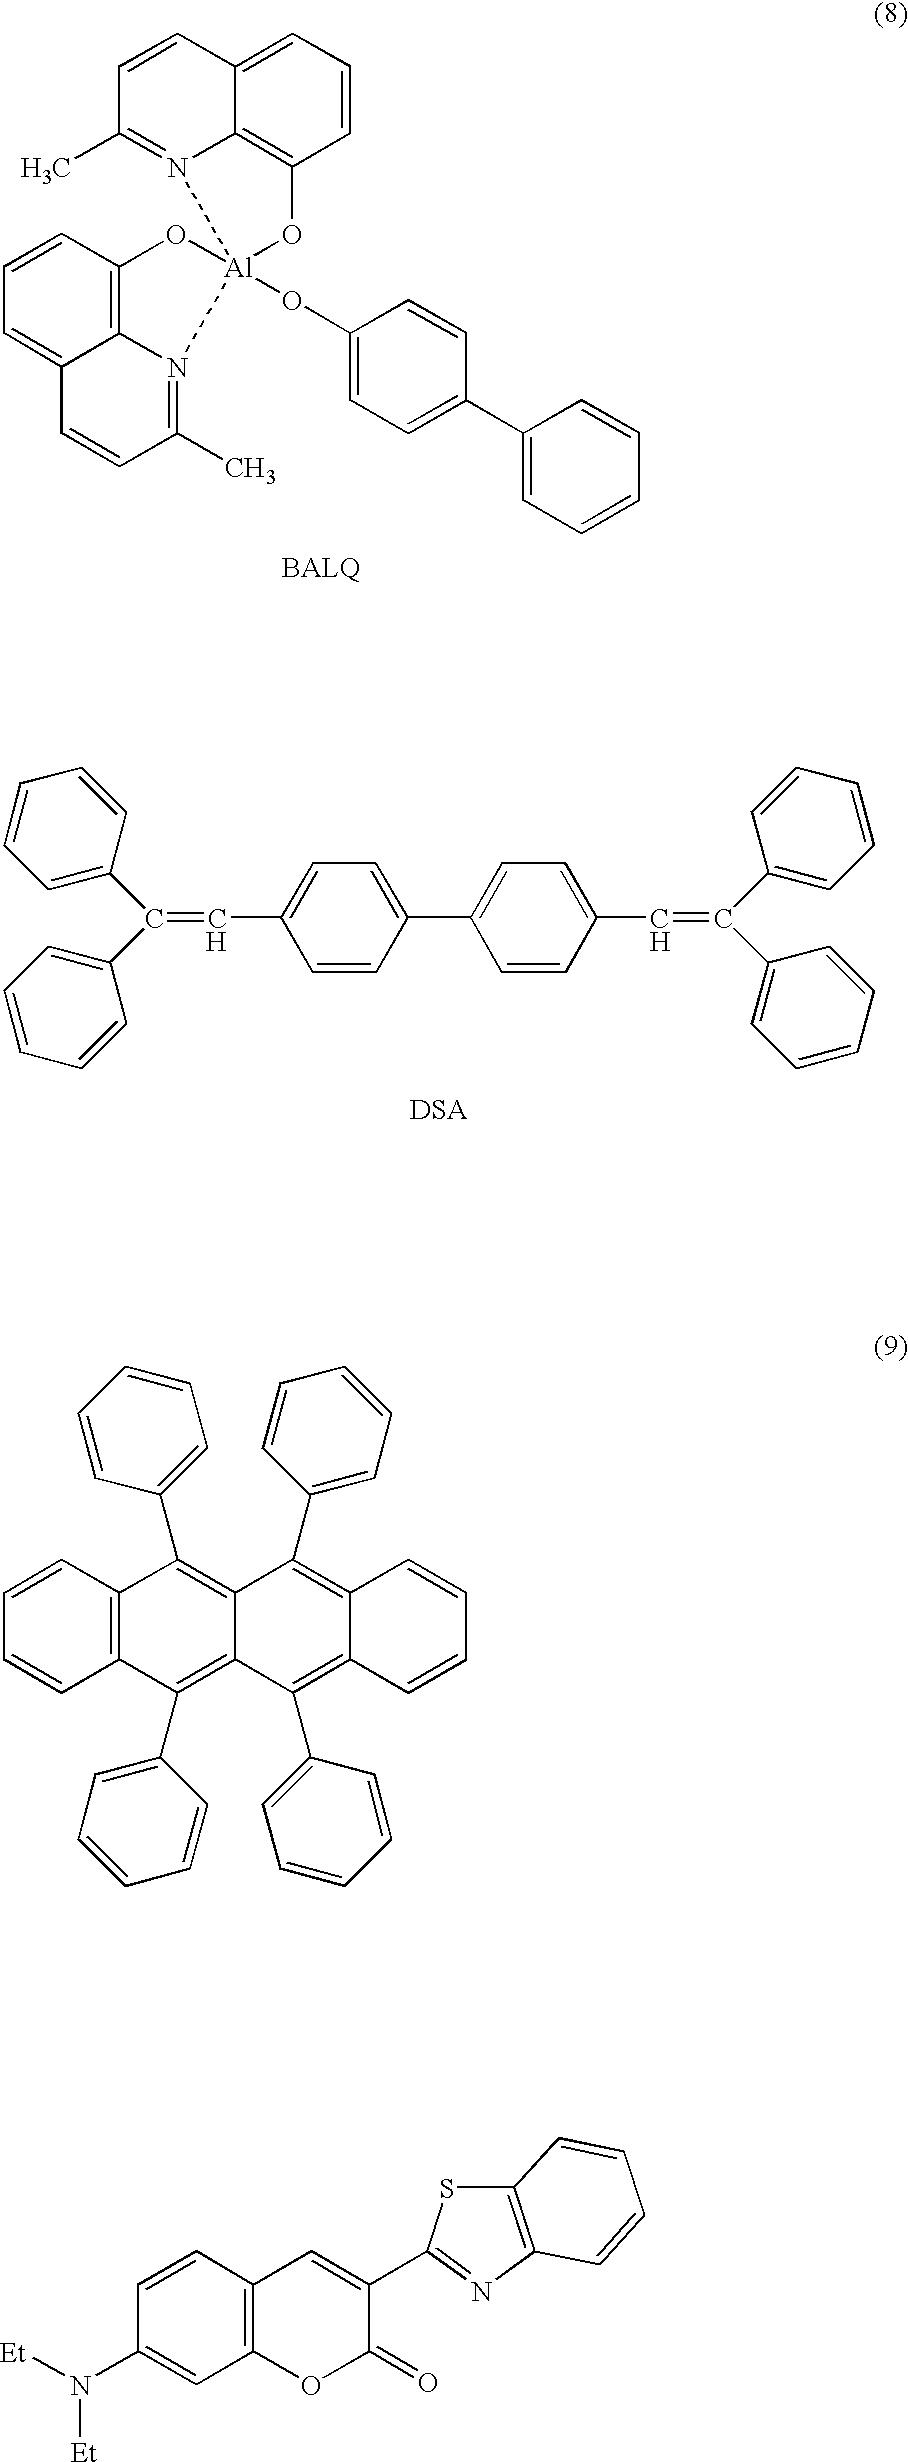 Figure US20030116719A1-20030626-C00005